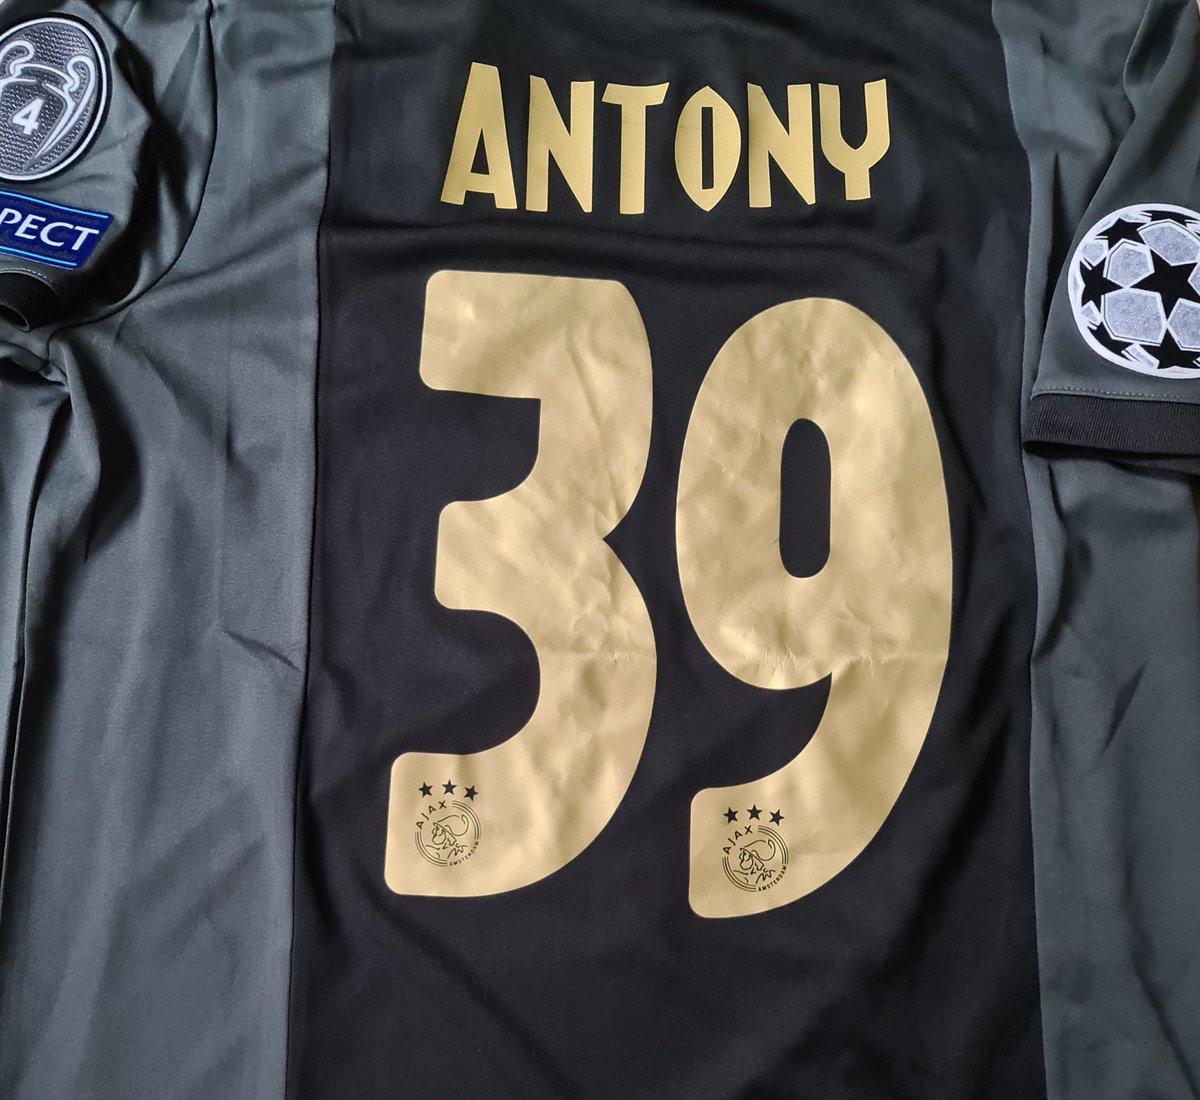 Het fraaie derde shirt gaat vanavond zijn officiële debuut maken! #midaja #UCL #AJAX